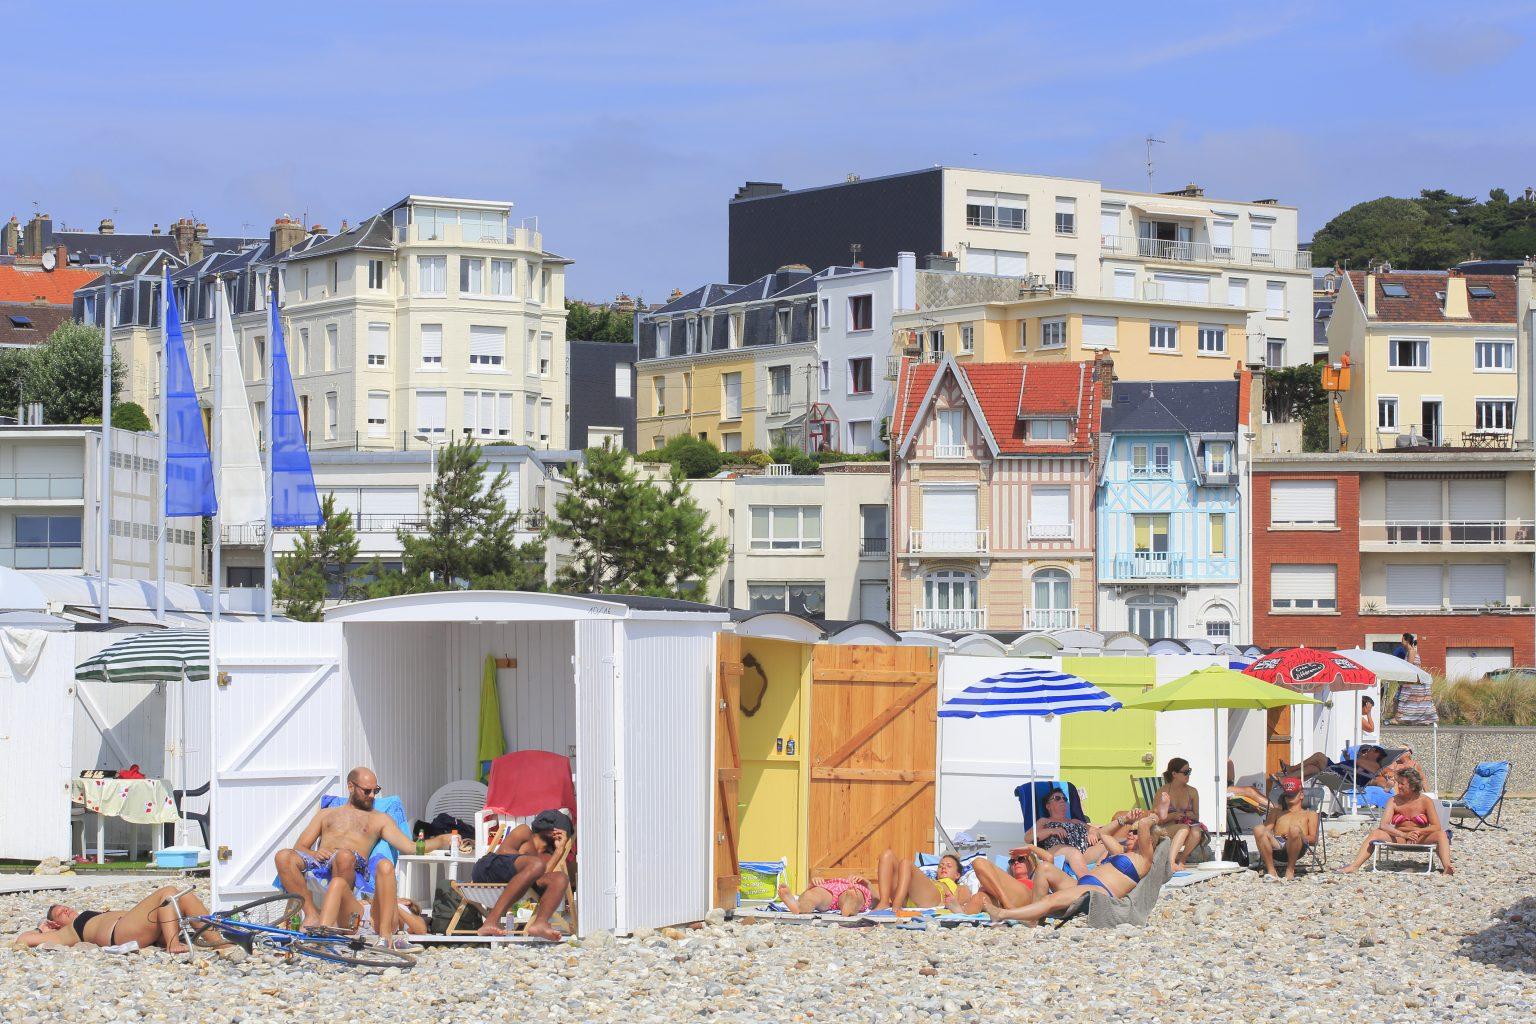 Cabanes détente sur la plage du Havre